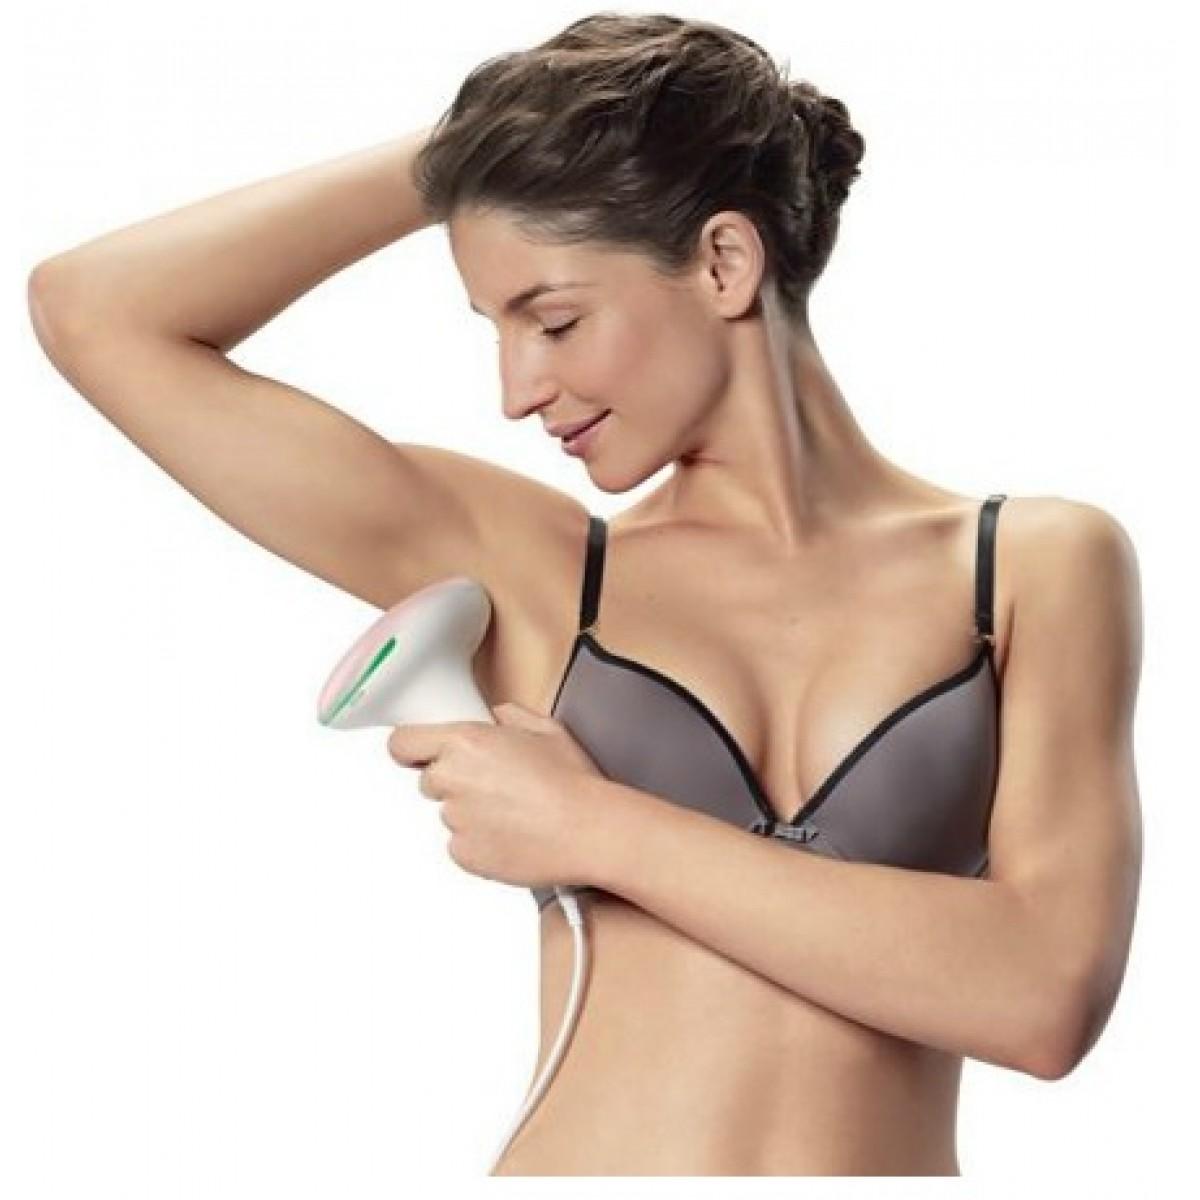 mujer utilizando depiladora de luz pulsada en la axila